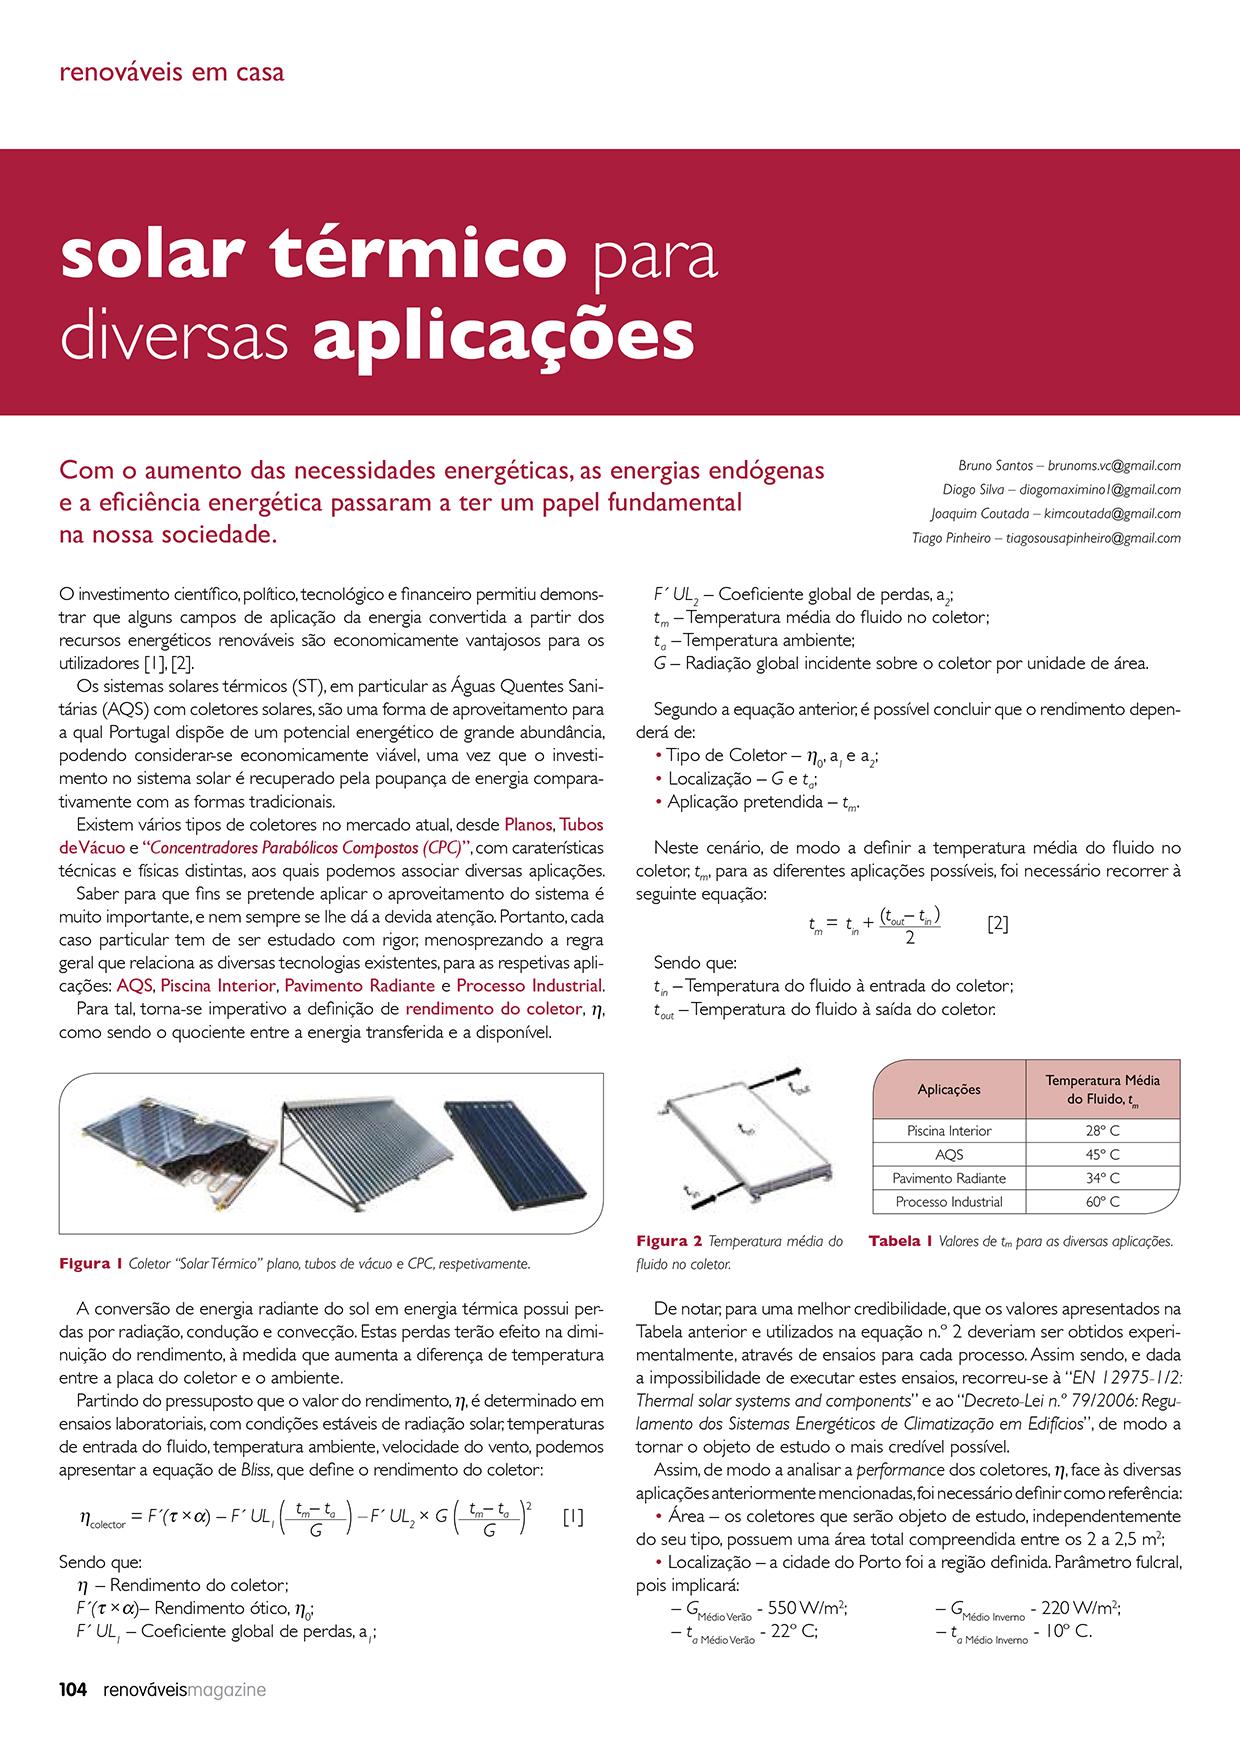 Artigo sobre solar térmico para diversas aplicações